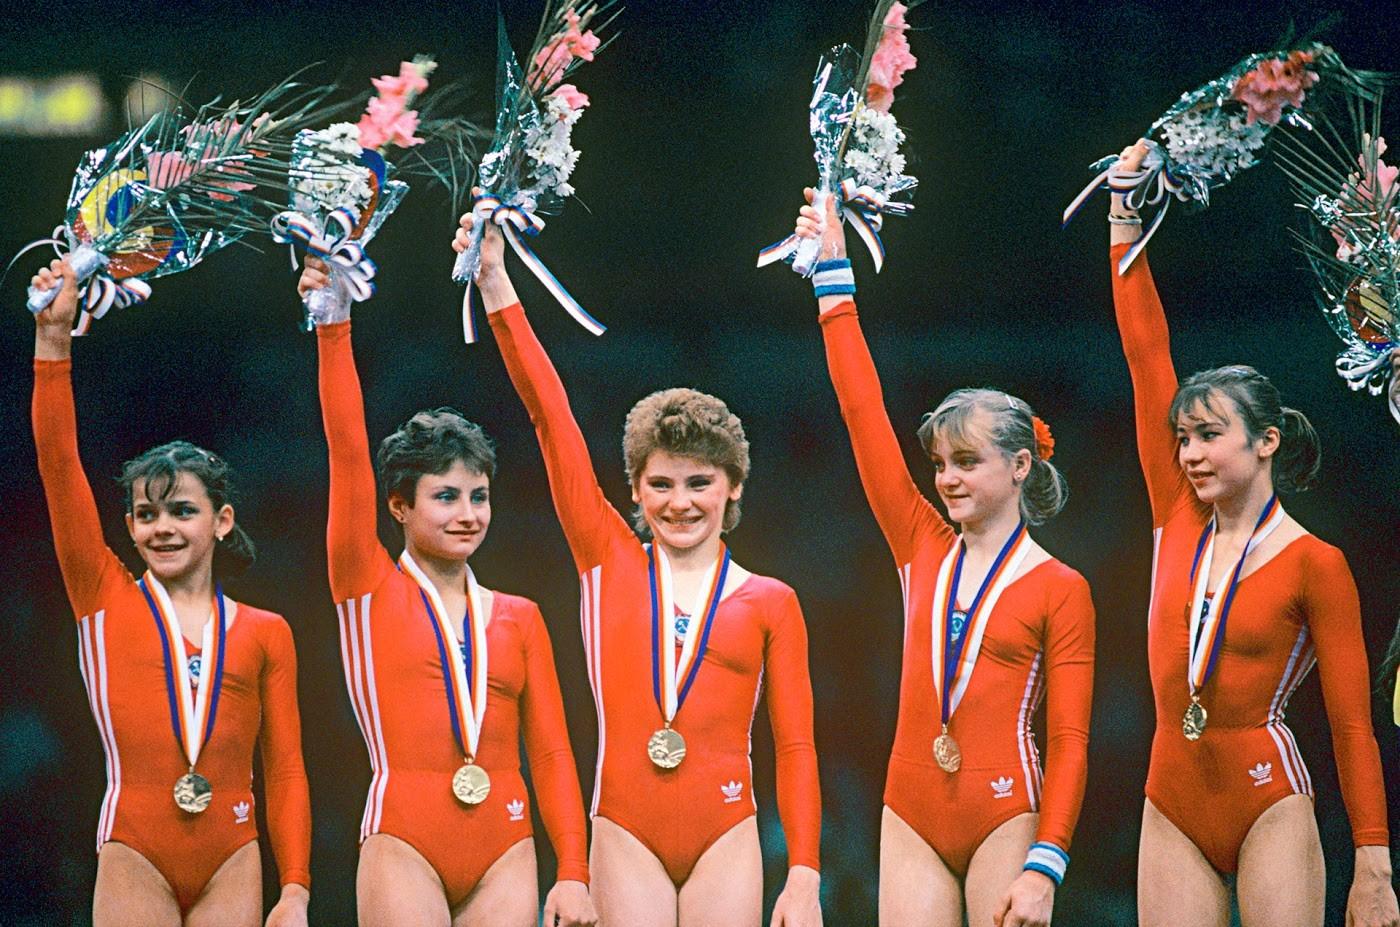 Sovjetske gimnastičarke so osvojile zlato na olimpijskih igrah leta 1988 v Seulu